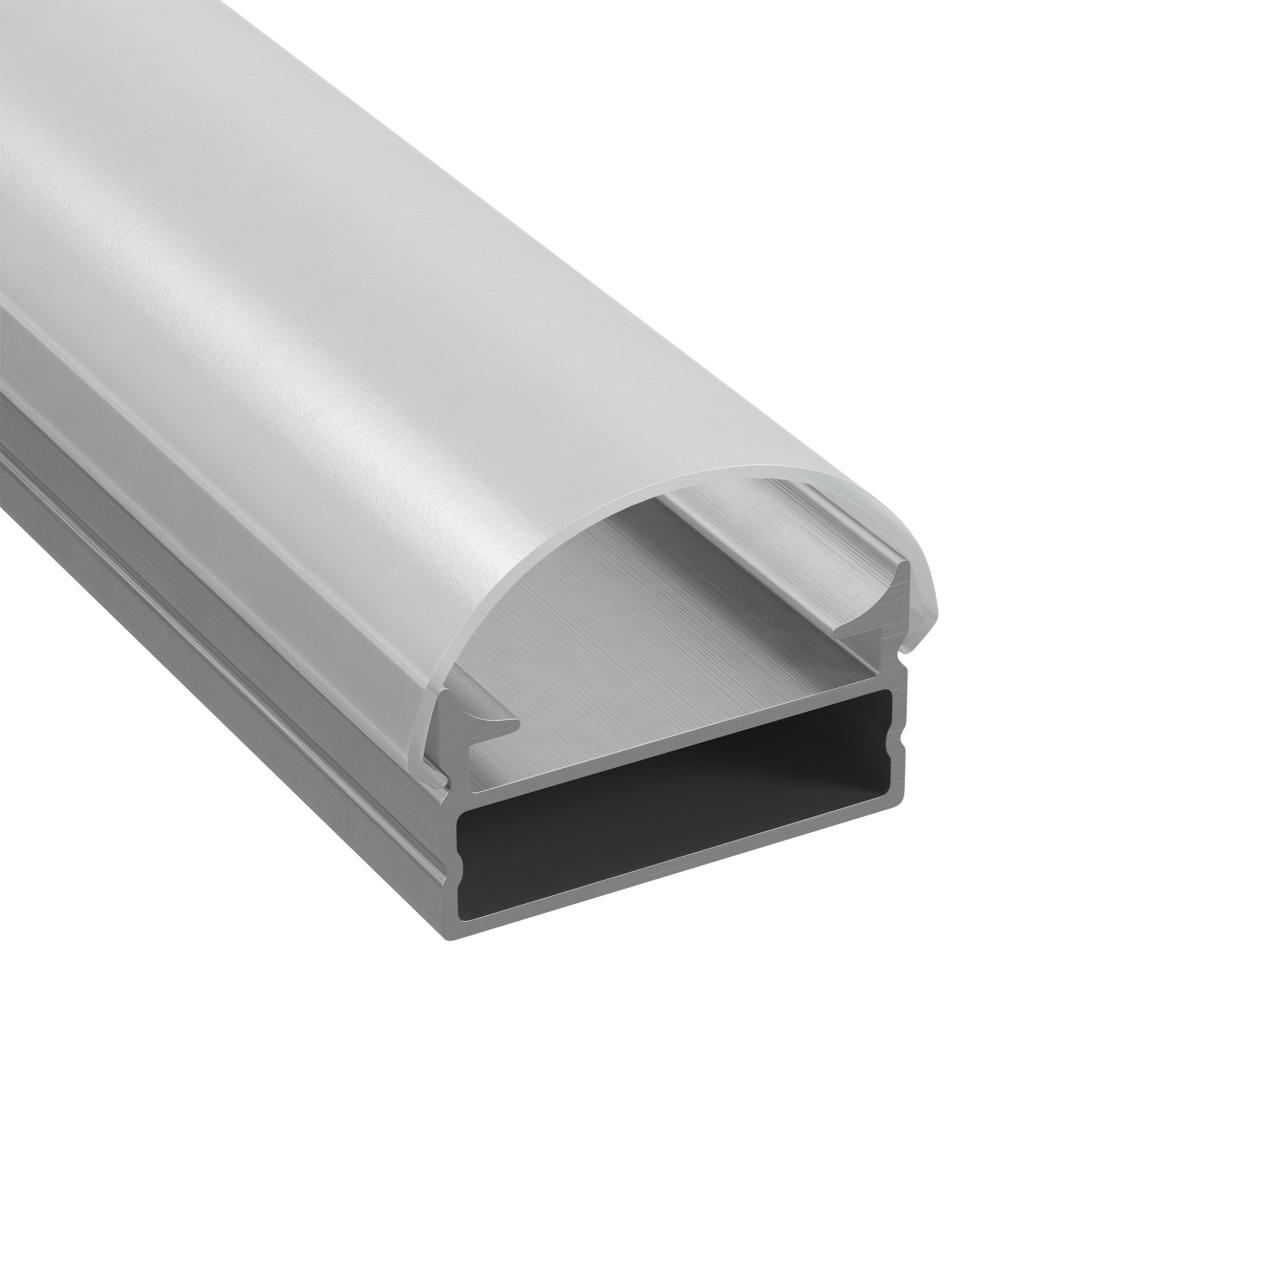 Профиль с полукруглыйым рассеивателем для светодиодной ленты, алюминий, 1шт 3м Lightstar 409319